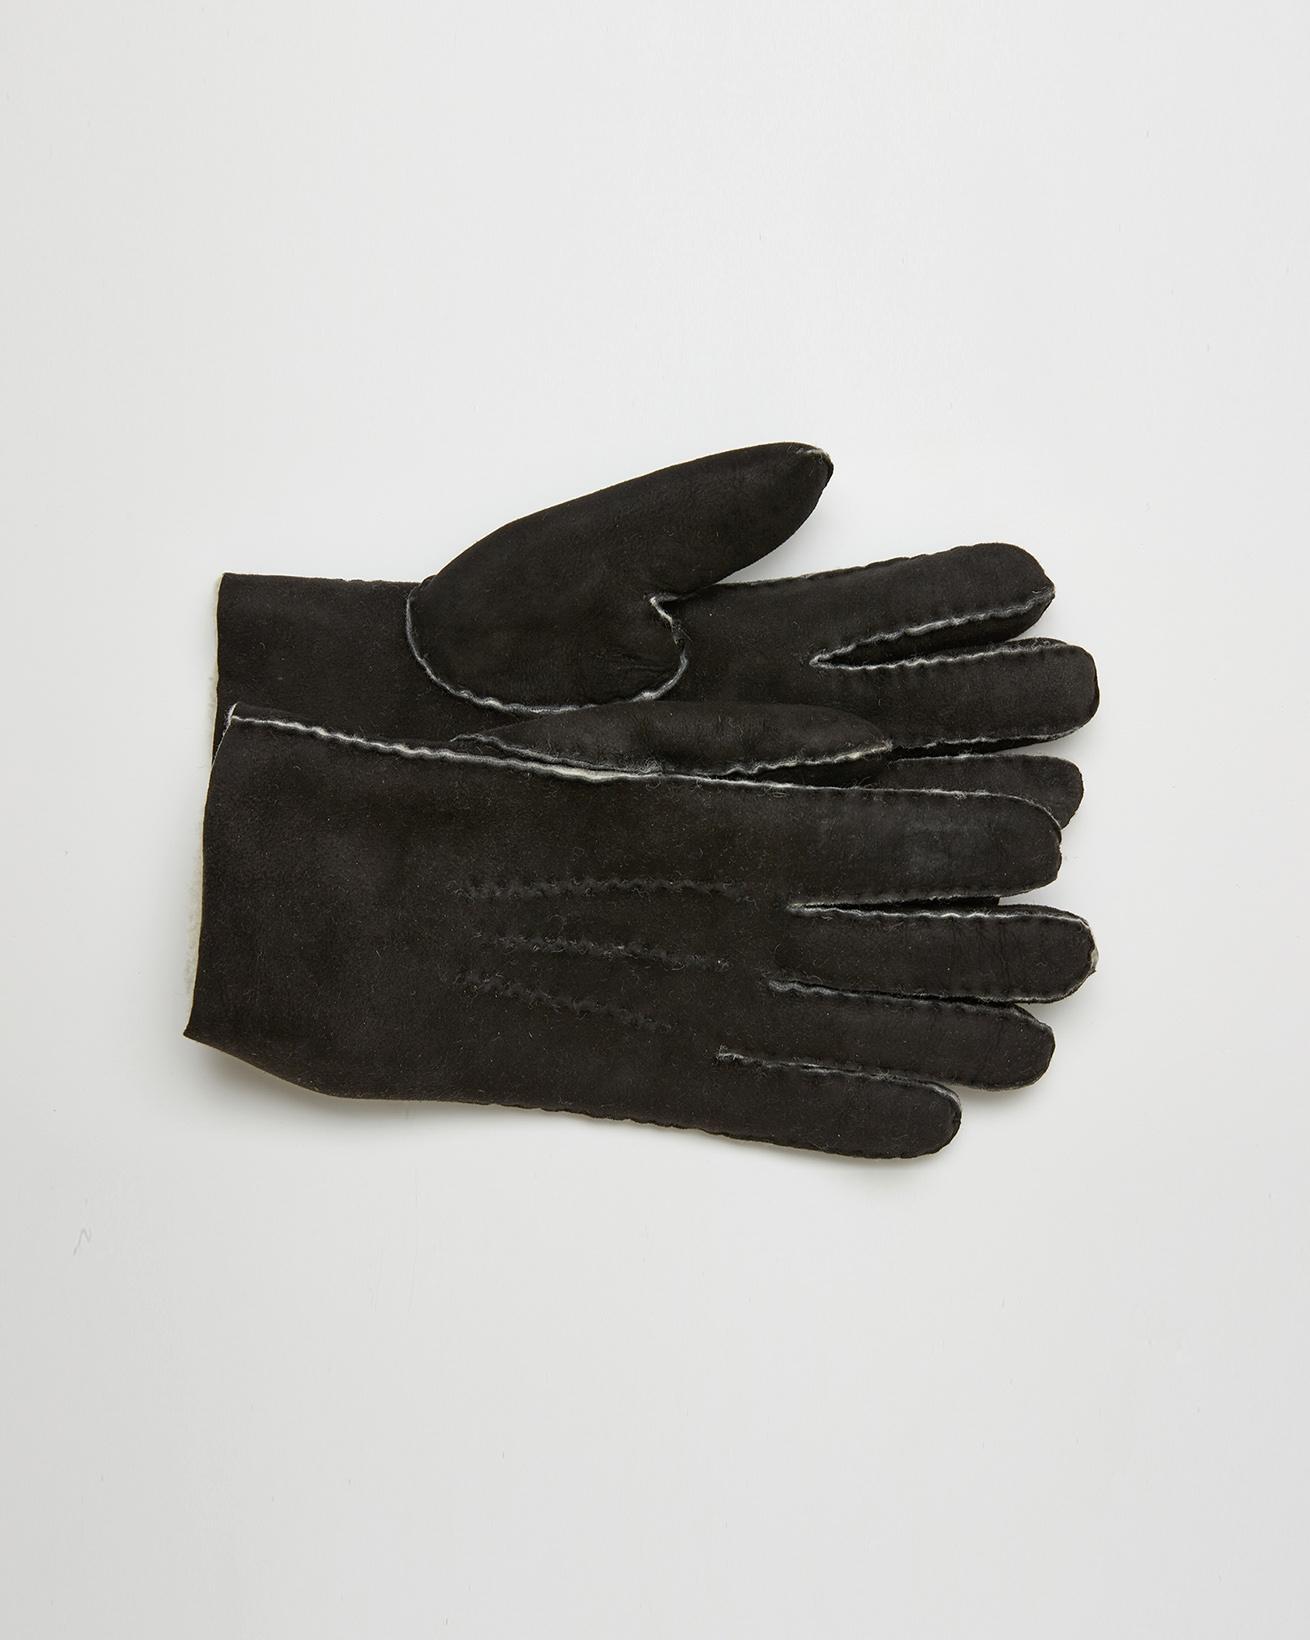 Sheepskin Gloves - Size Extra Large - Black - 2643